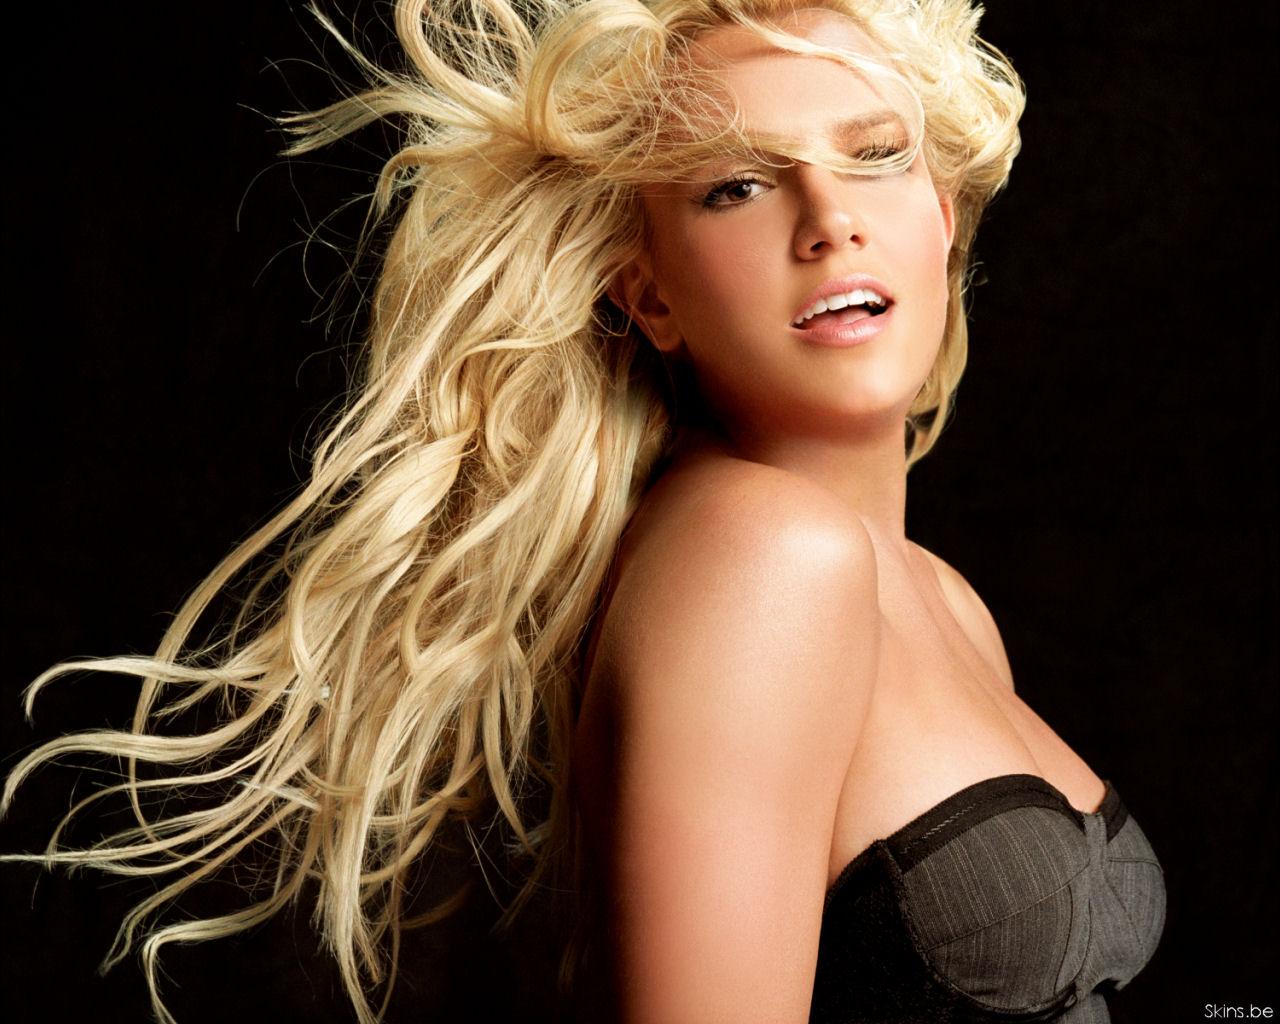 http://1.bp.blogspot.com/-TsZl_qVTZ8Y/TybYlFo2tTI/AAAAAAAAAjI/opiGzHaVeyc/s1600/Britney-Spears-Trends.jpg